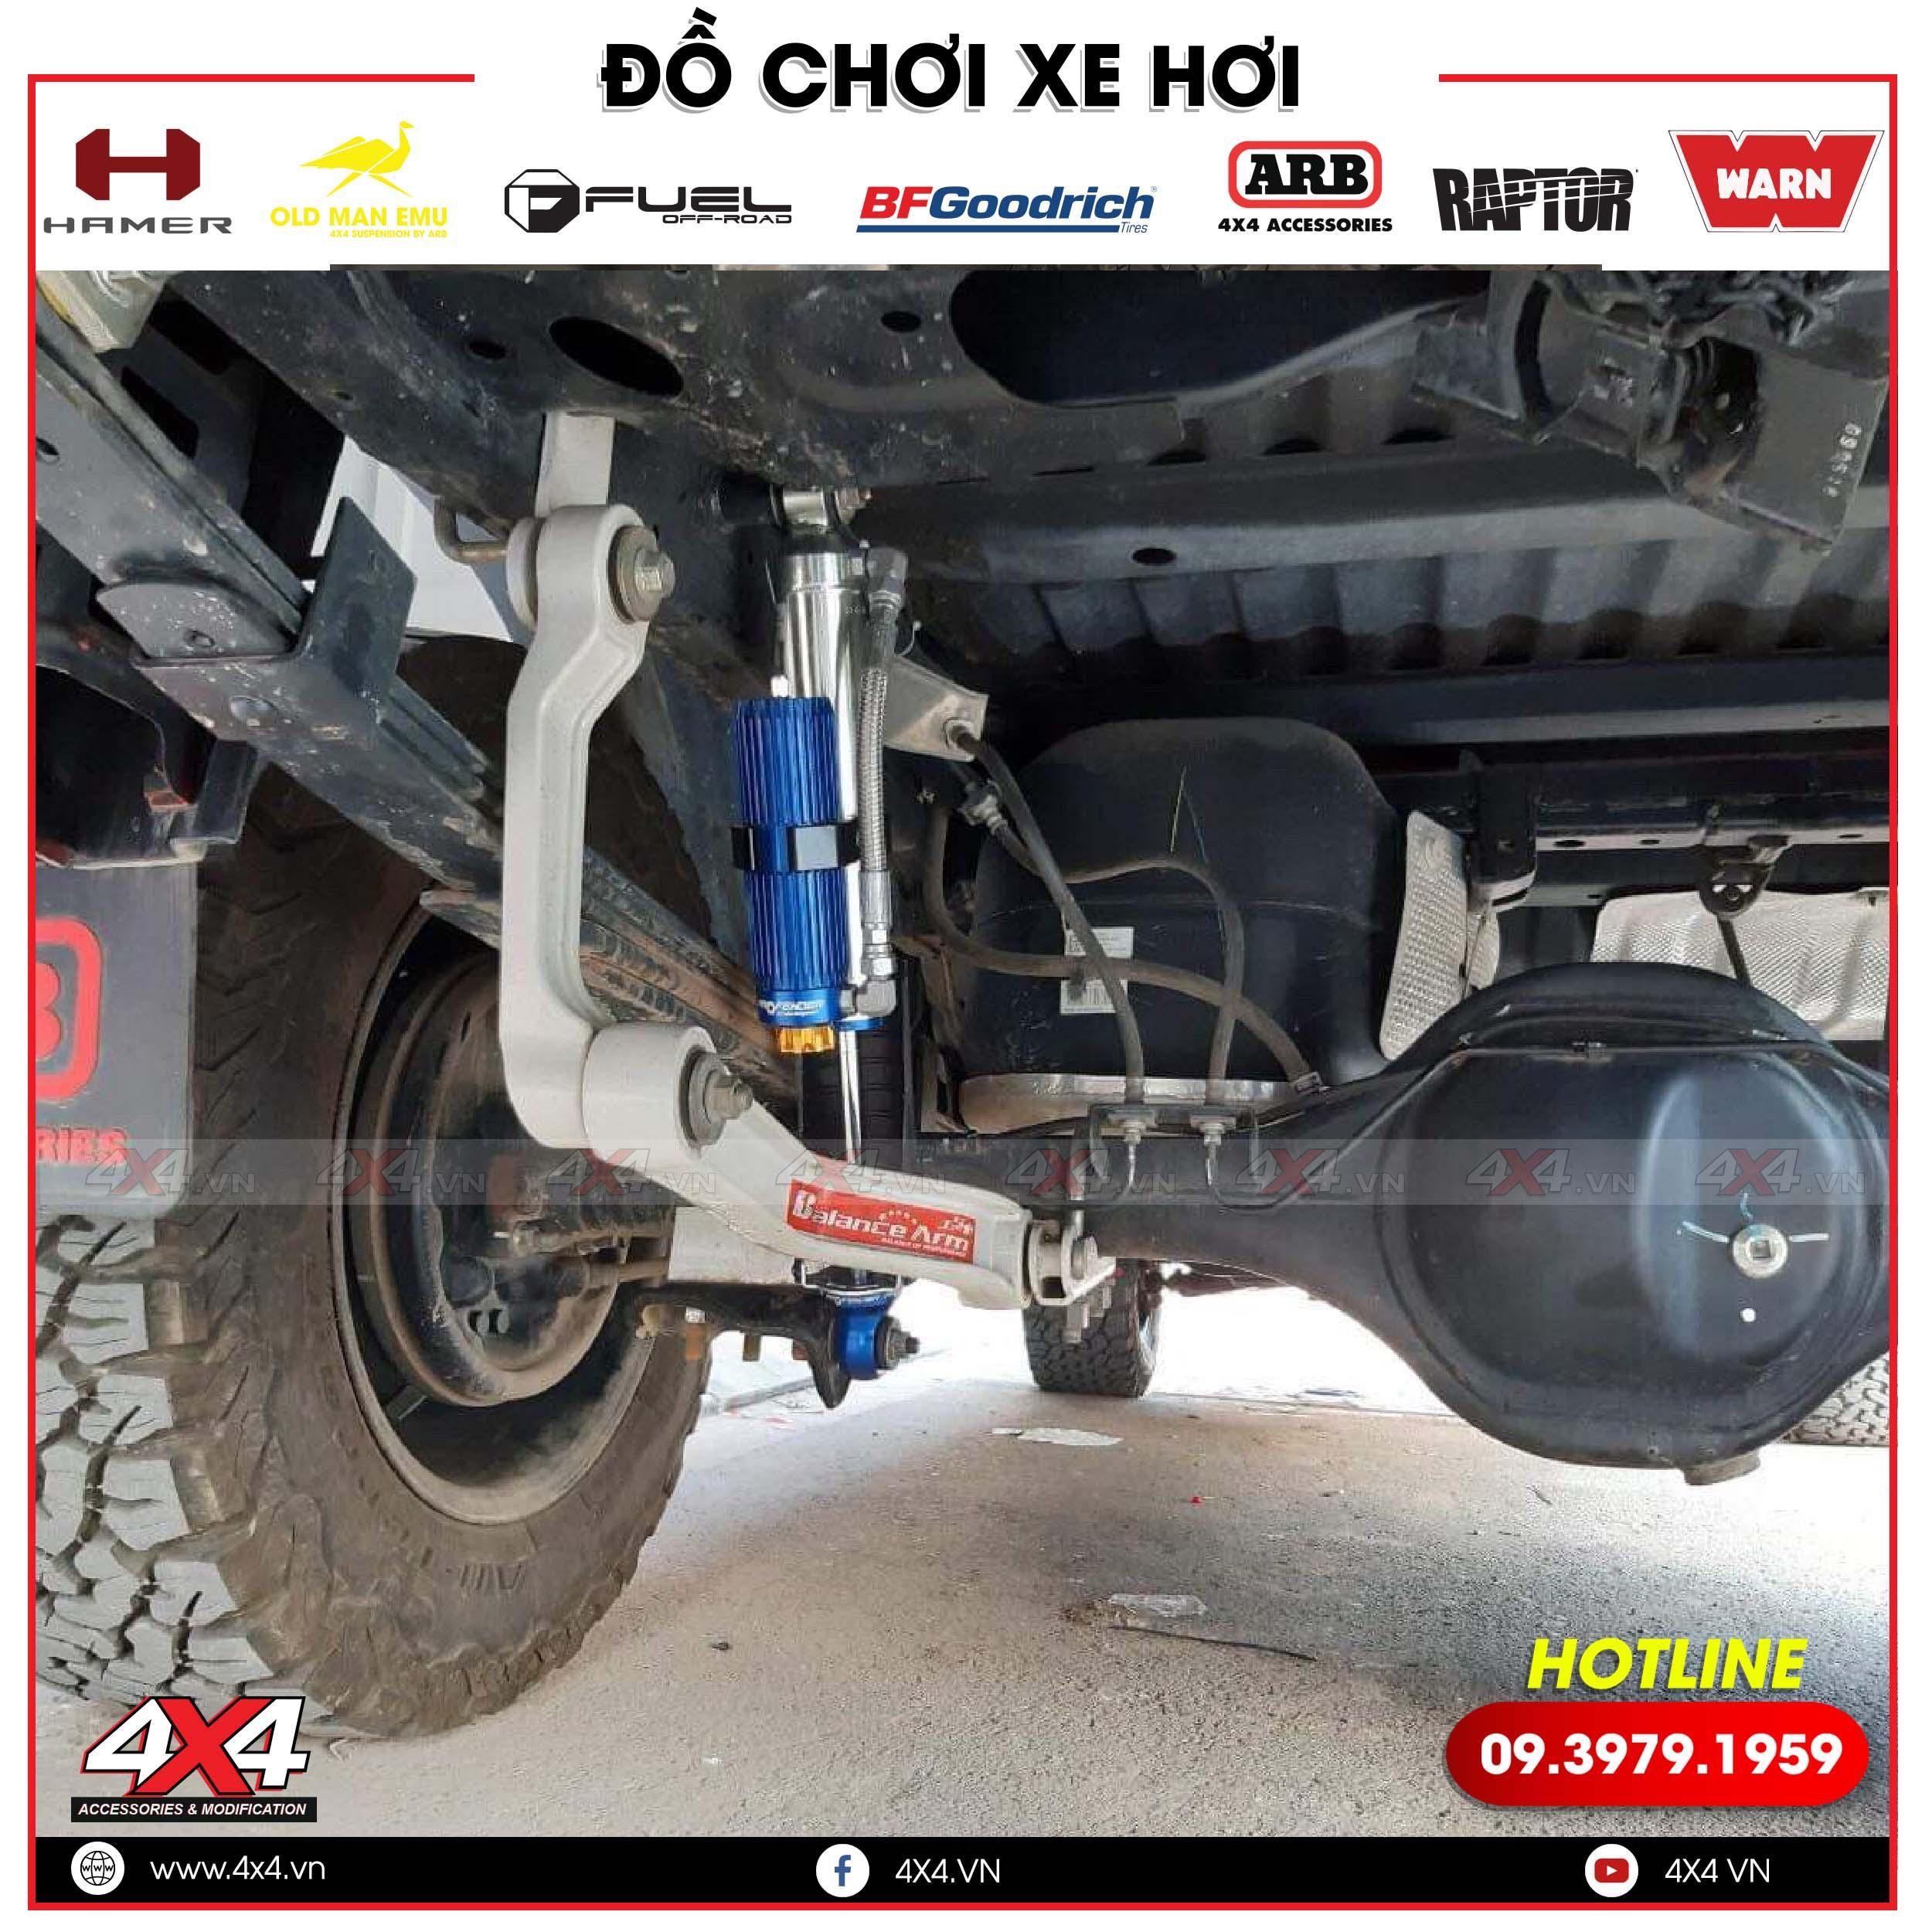 Phuộc Profender Trung cấp loại 1 vừa giúp bạn giảm xóc khi đi đường vừa giúp bạn chở tải nặng được